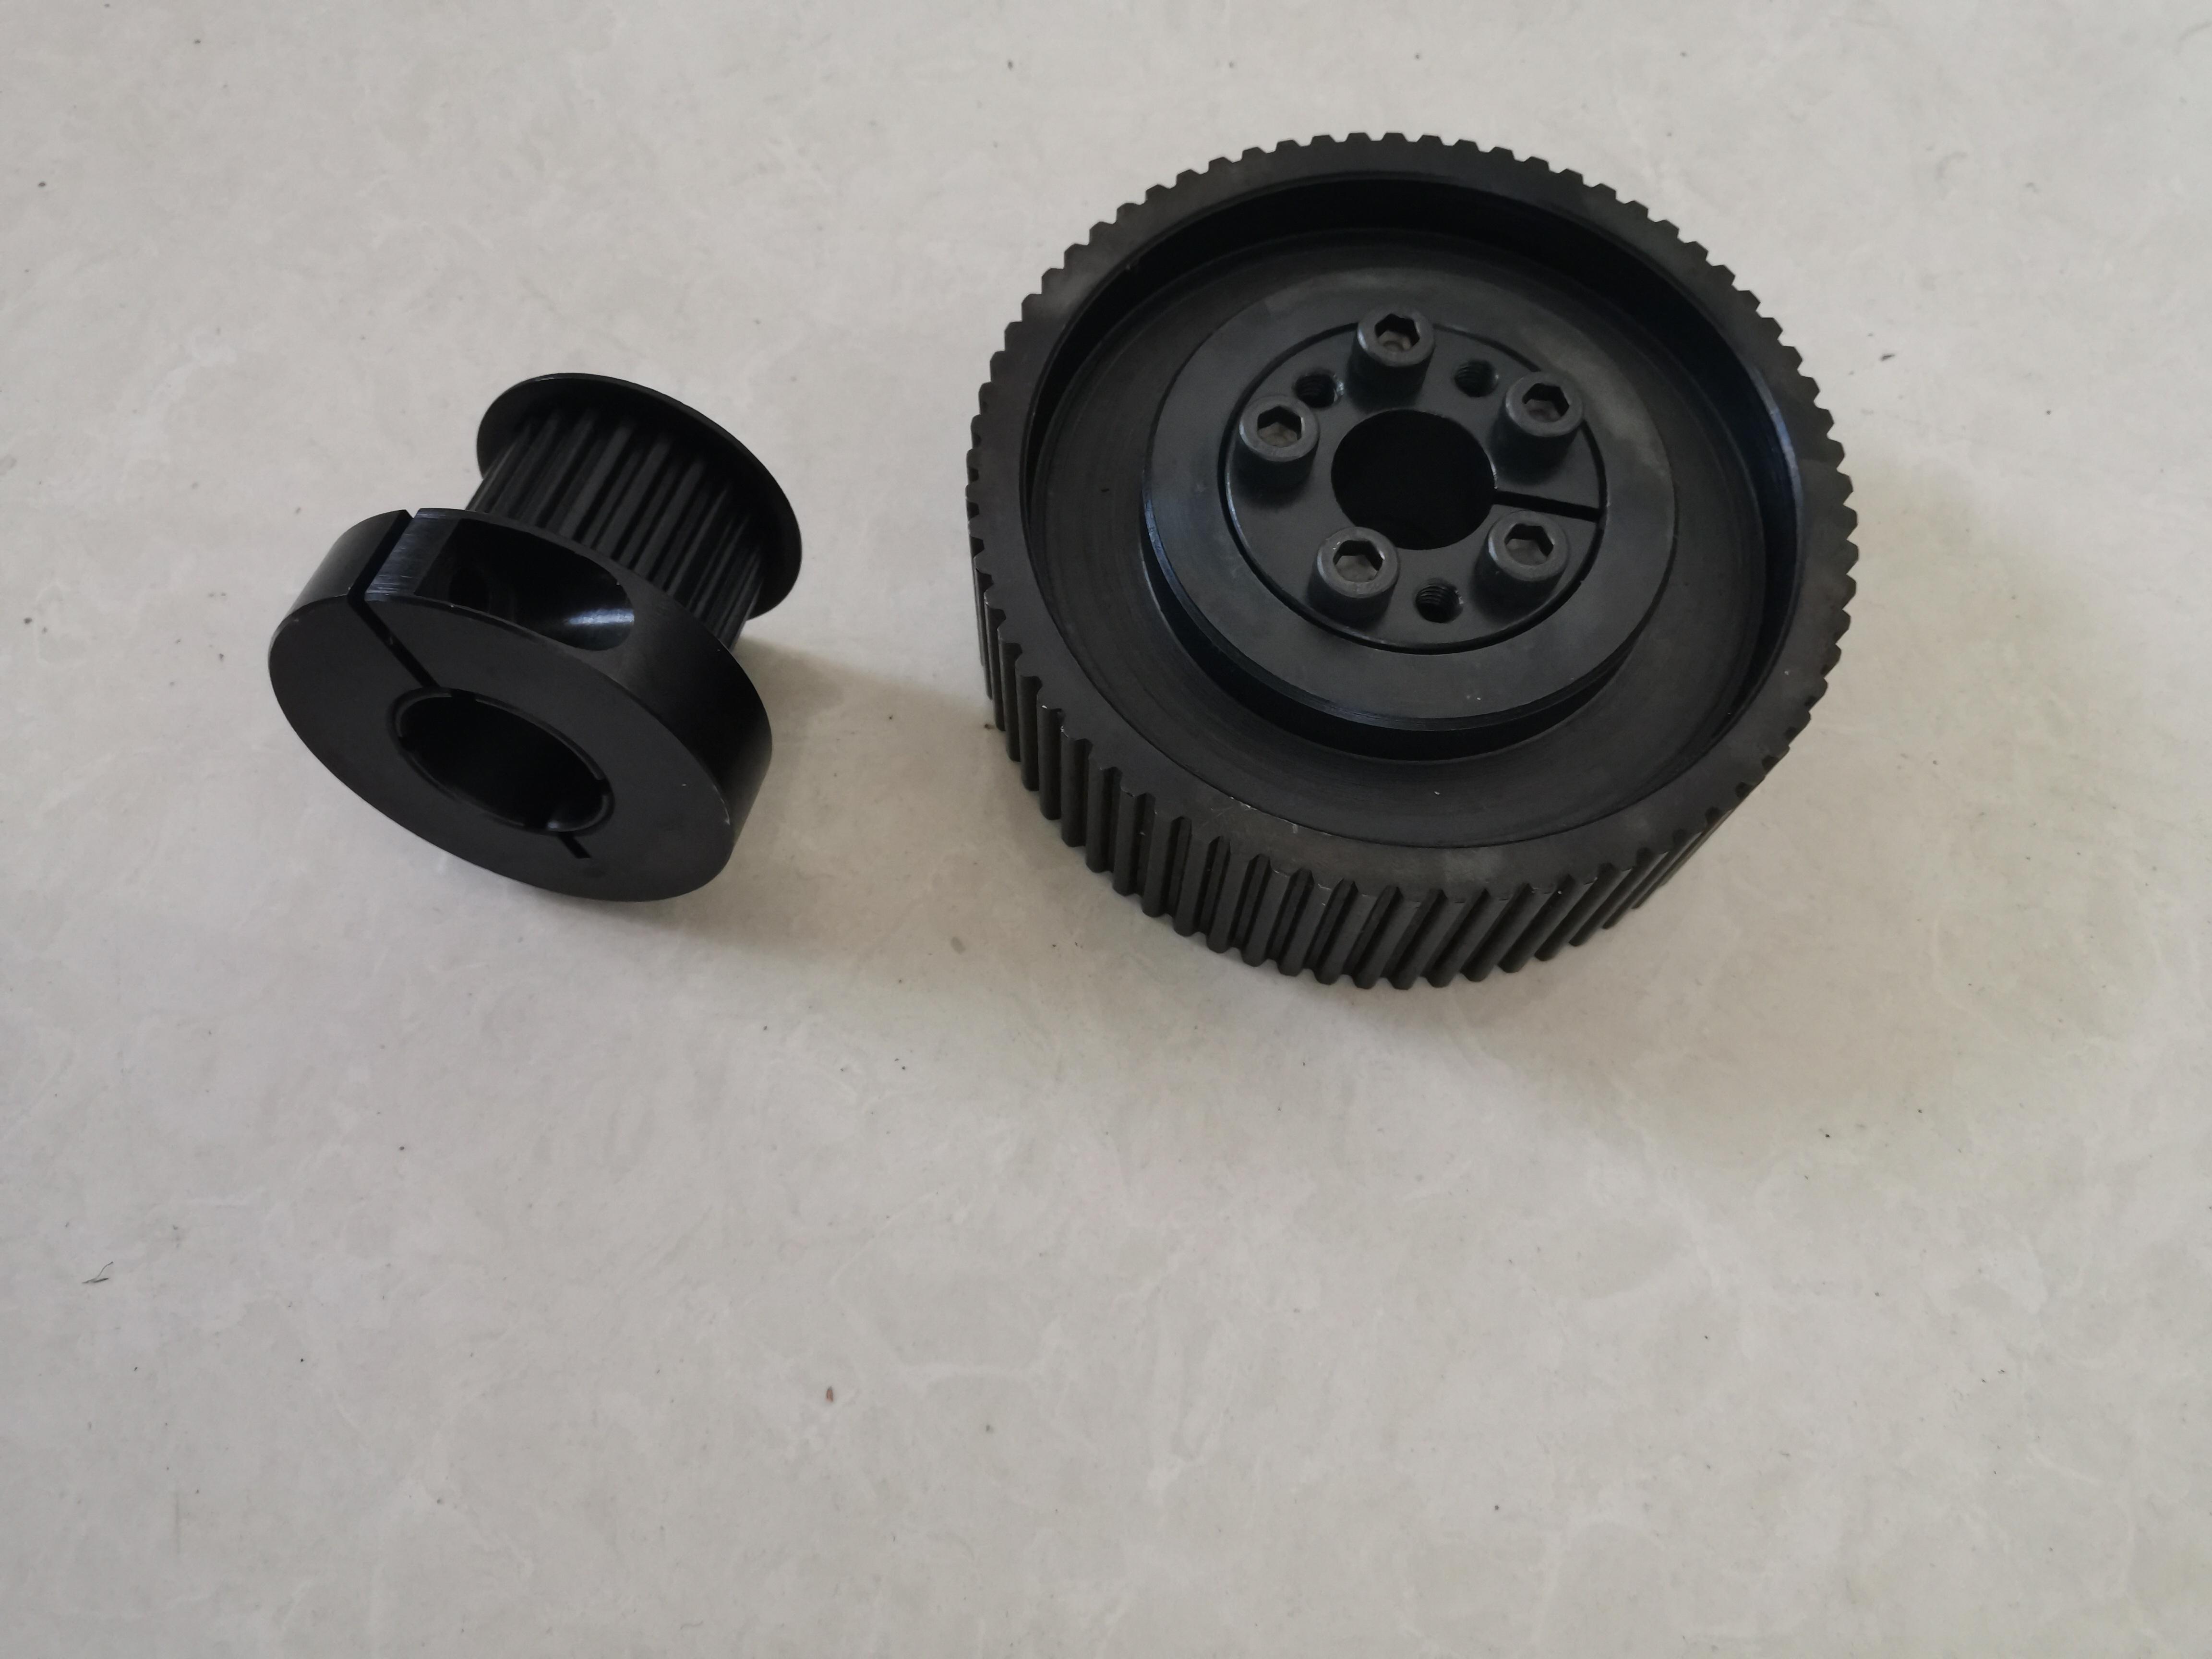 正宗蜗轮蜗杆_蜗轮相关-辉腾宏业北京科技有限公司